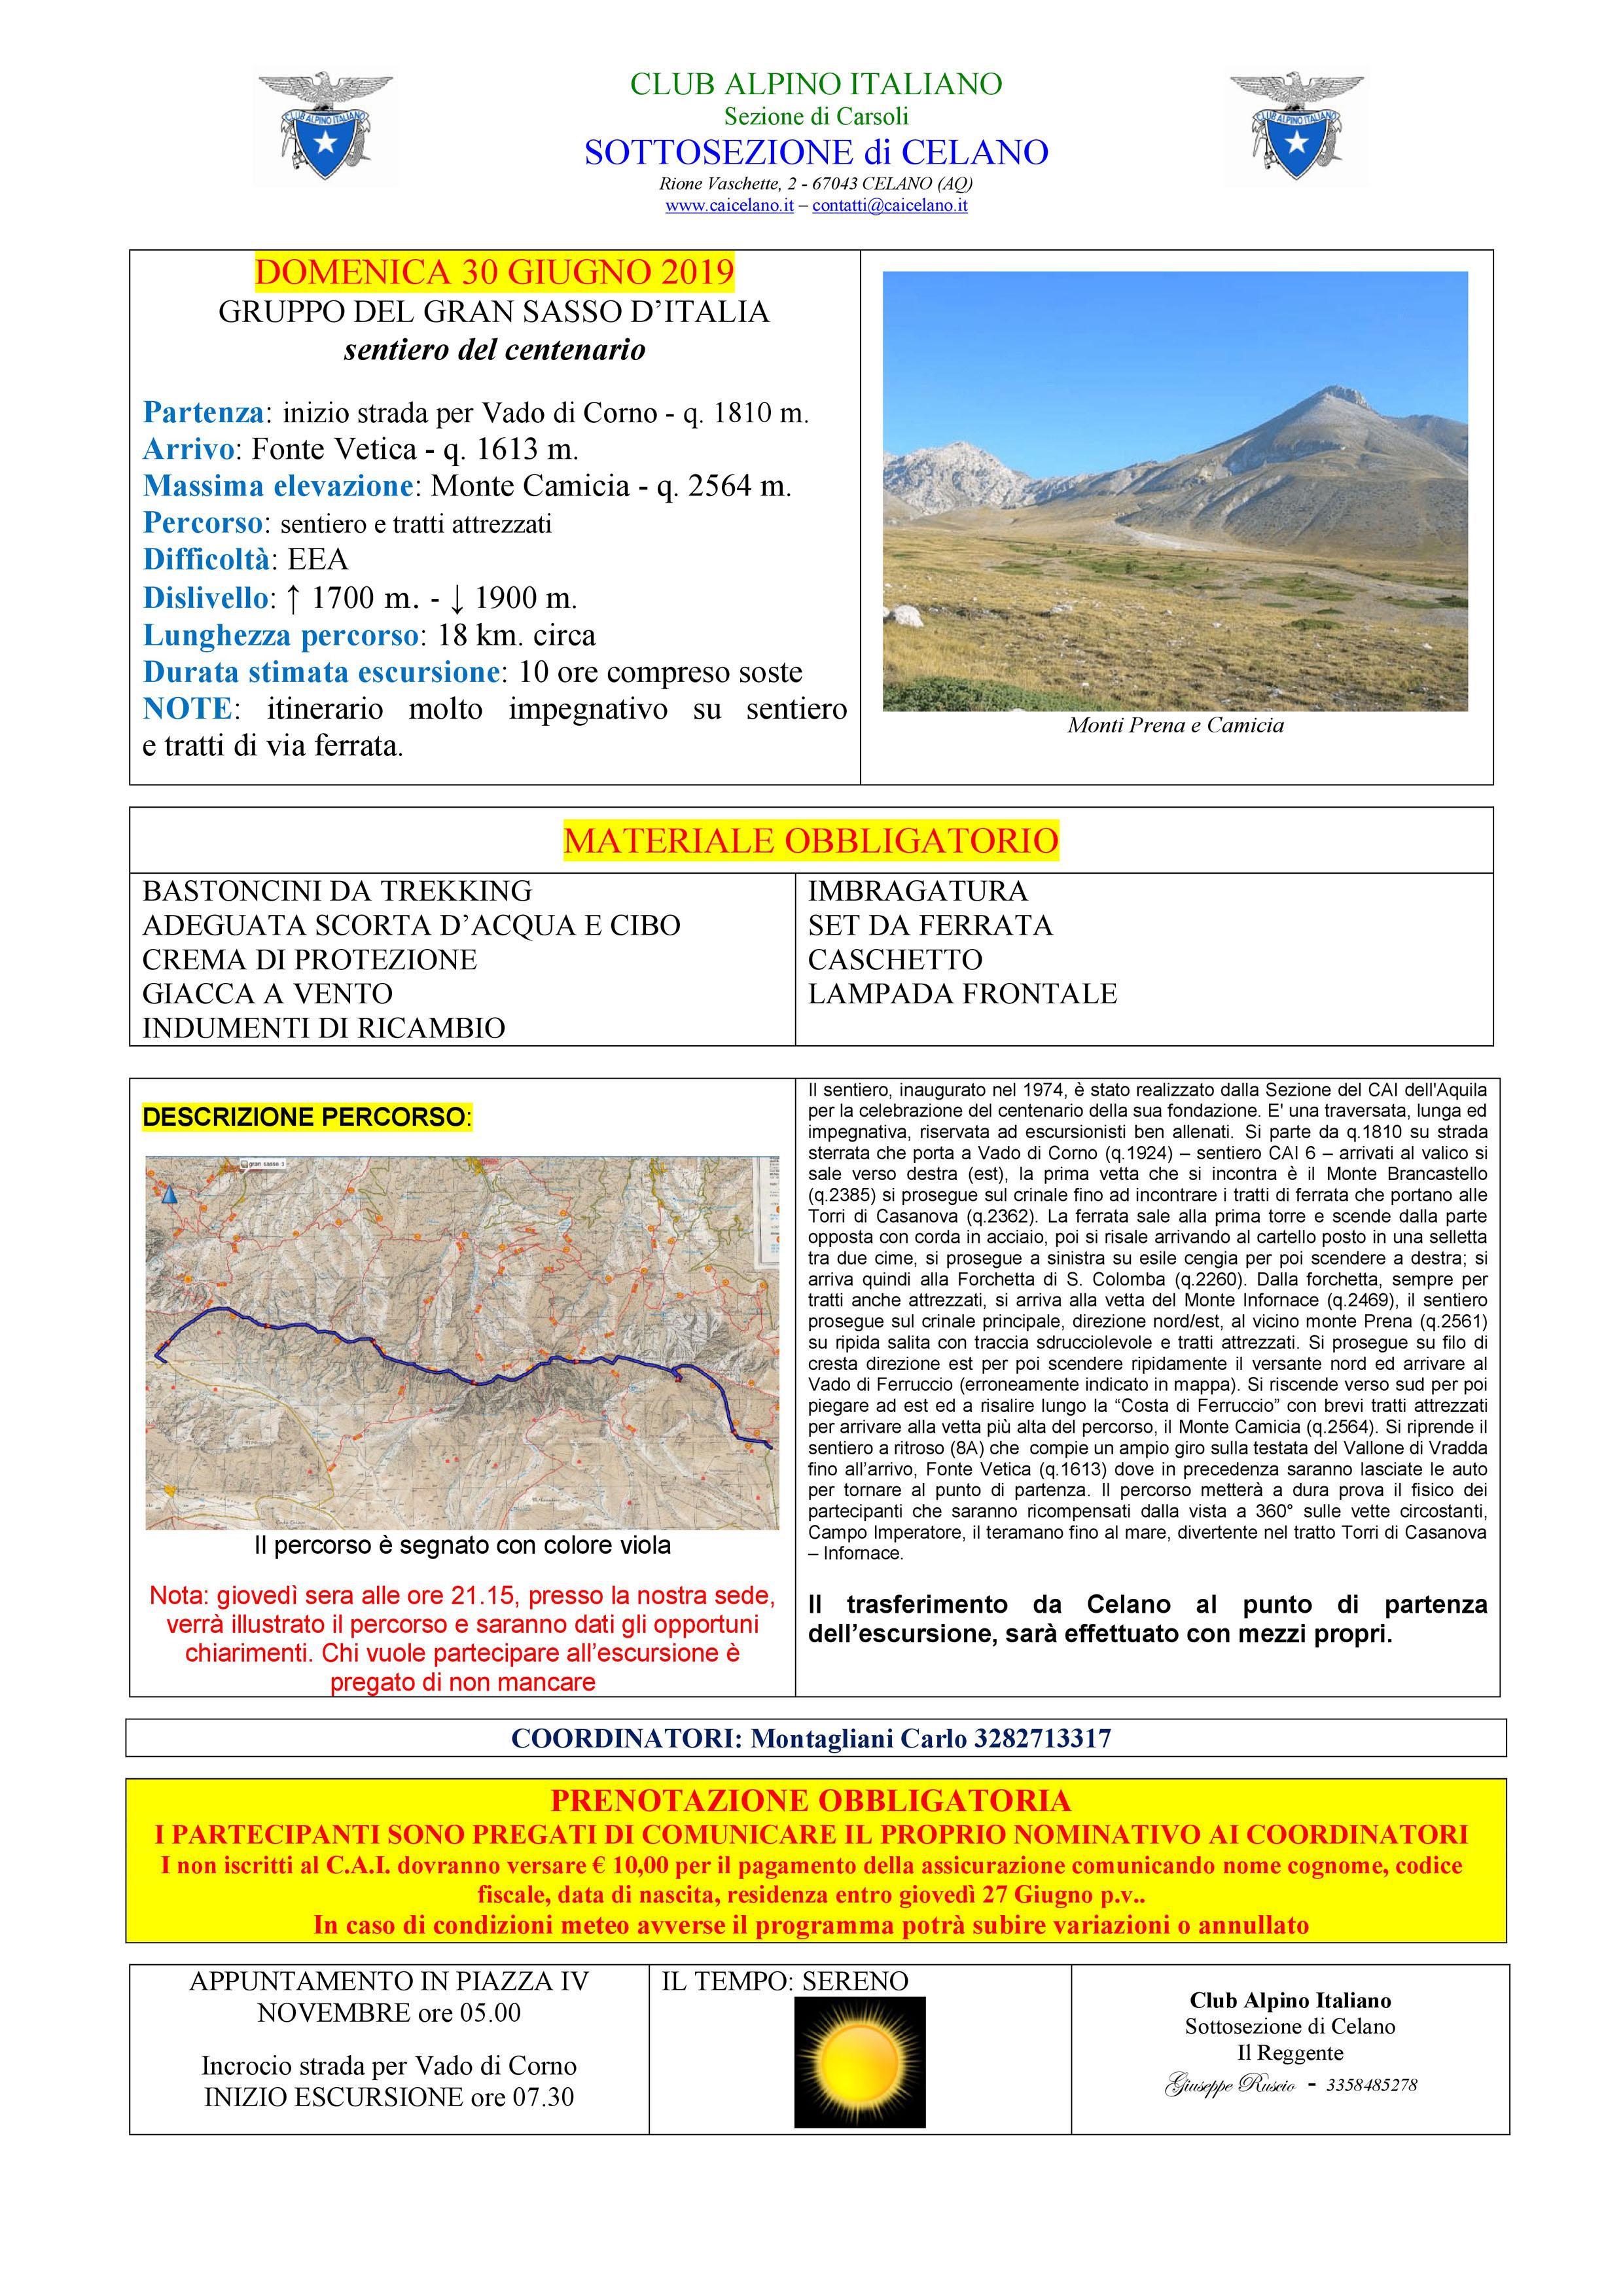 Domenica 30 Giugno 2019 : SENTIERO DEL CENTENARIO